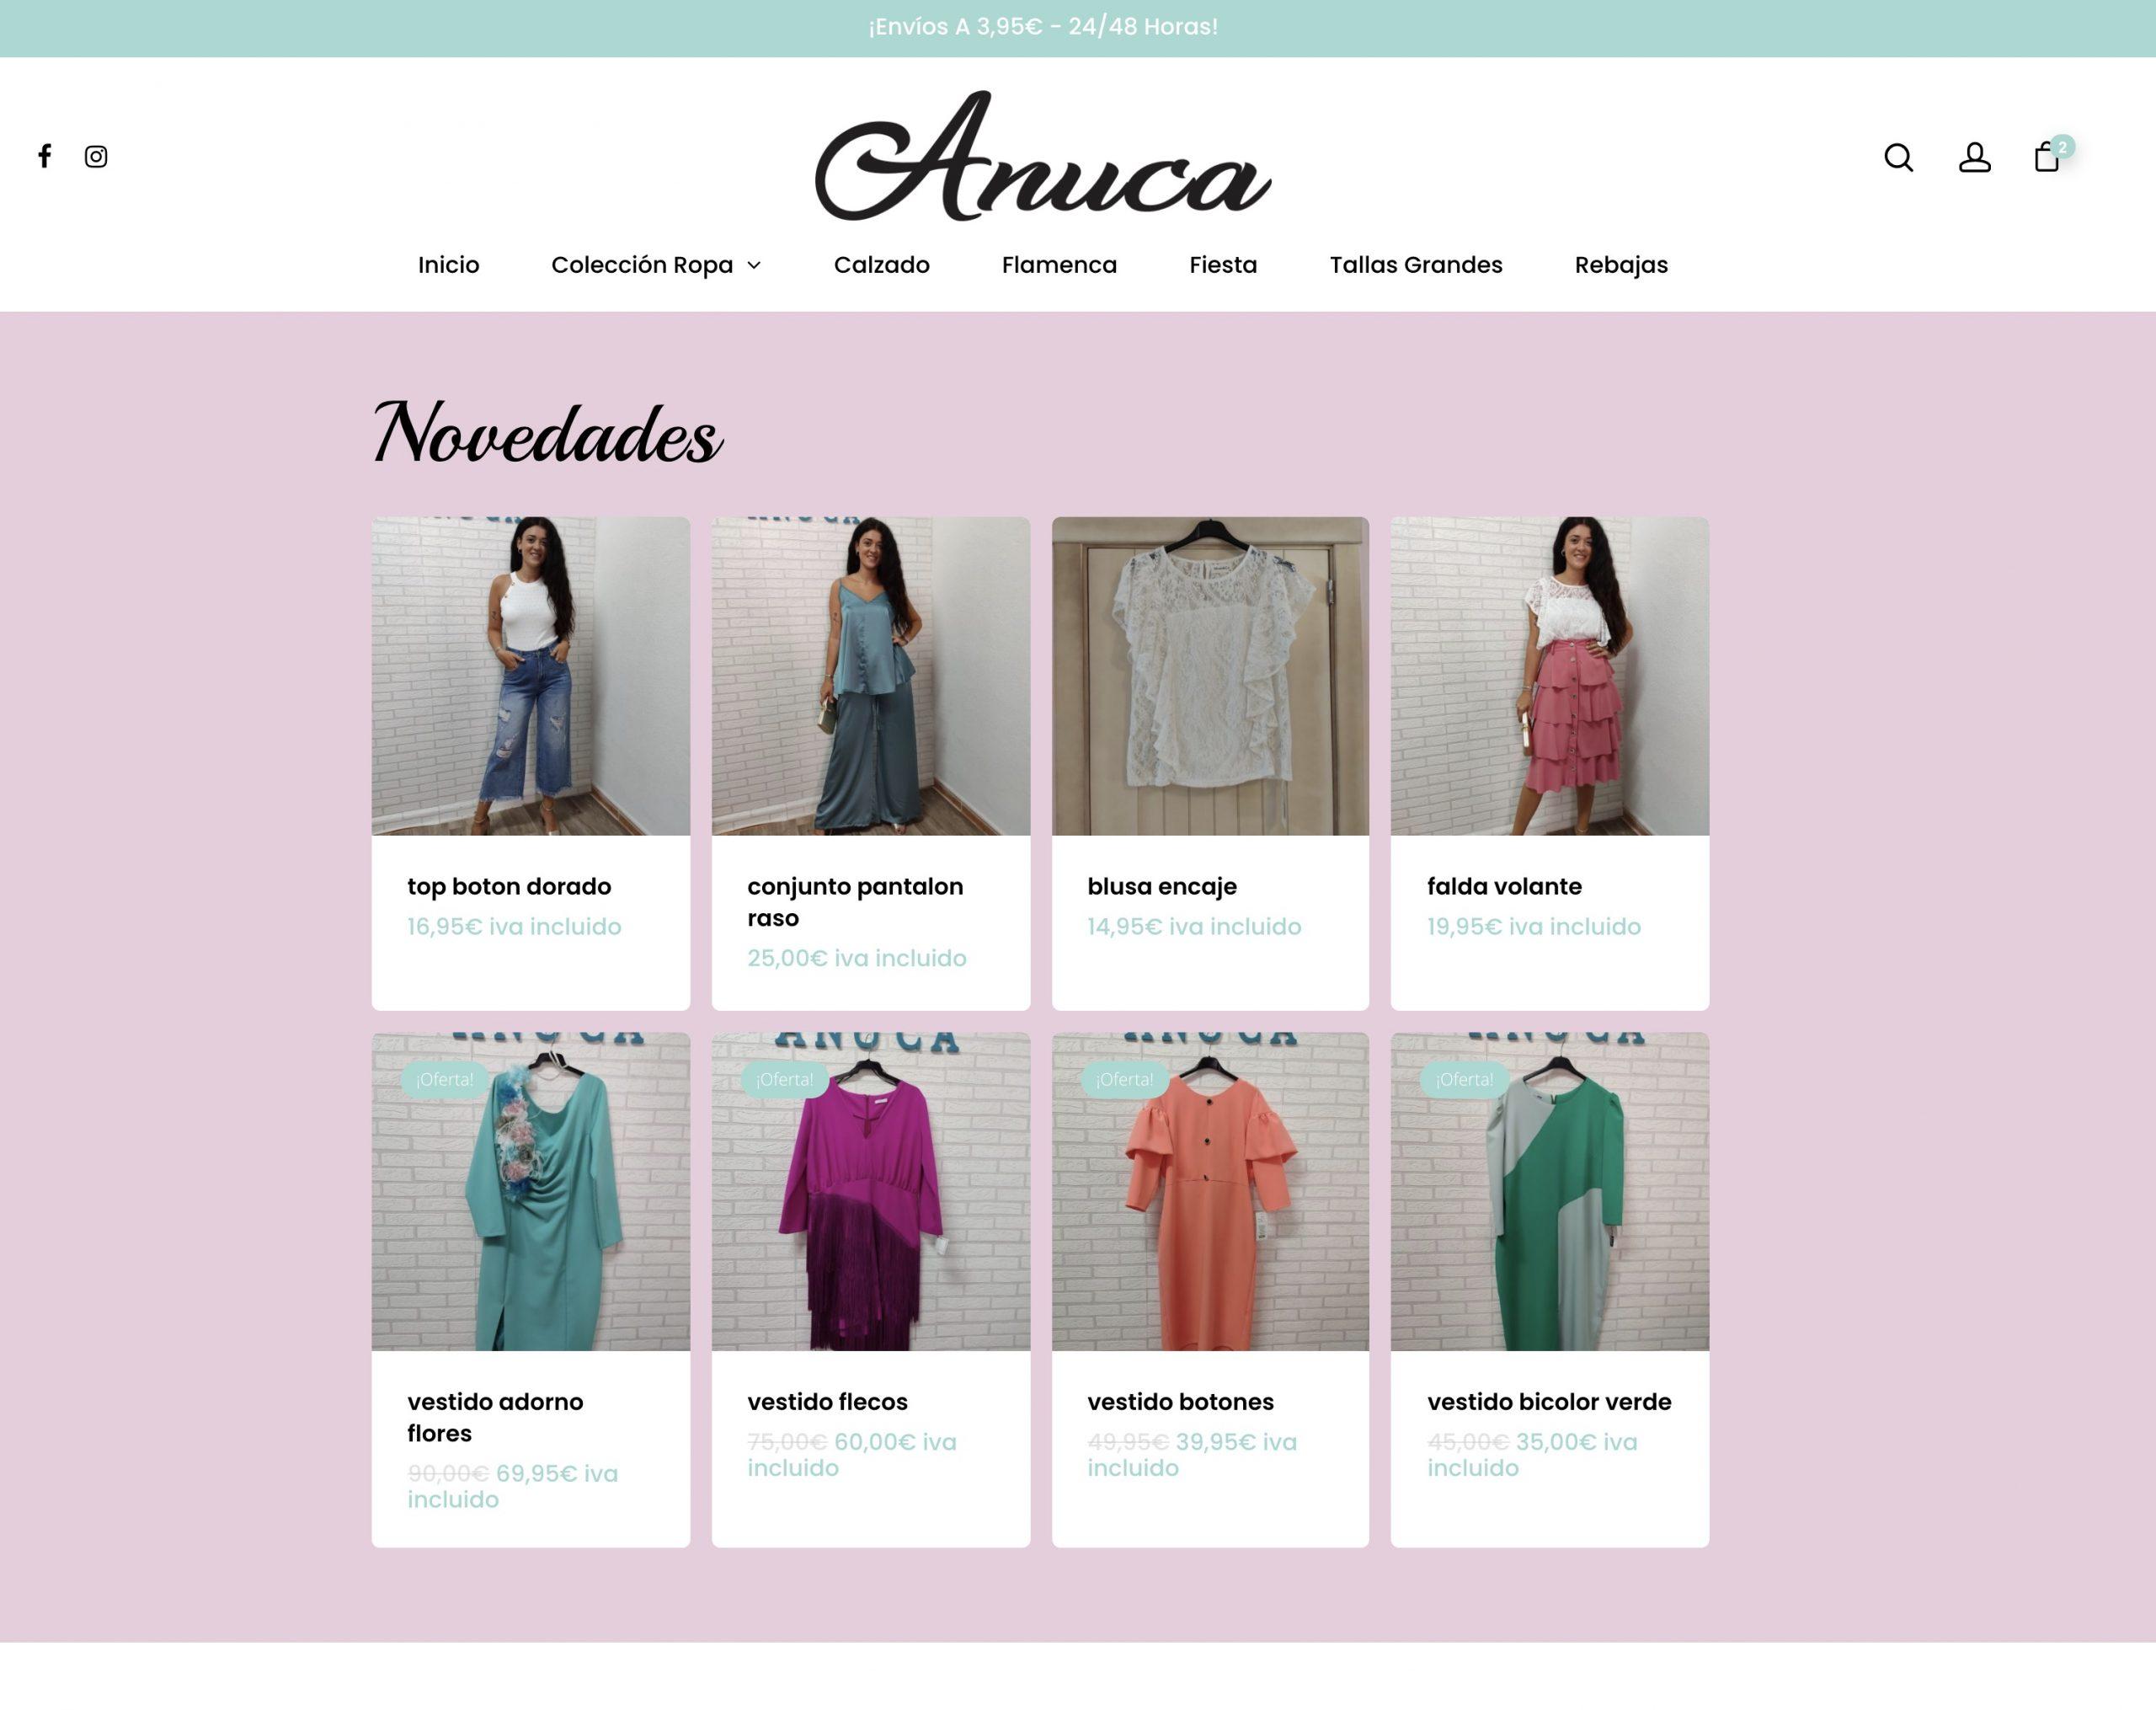 Tienda Online – Anuca.es os presentamos su tienda